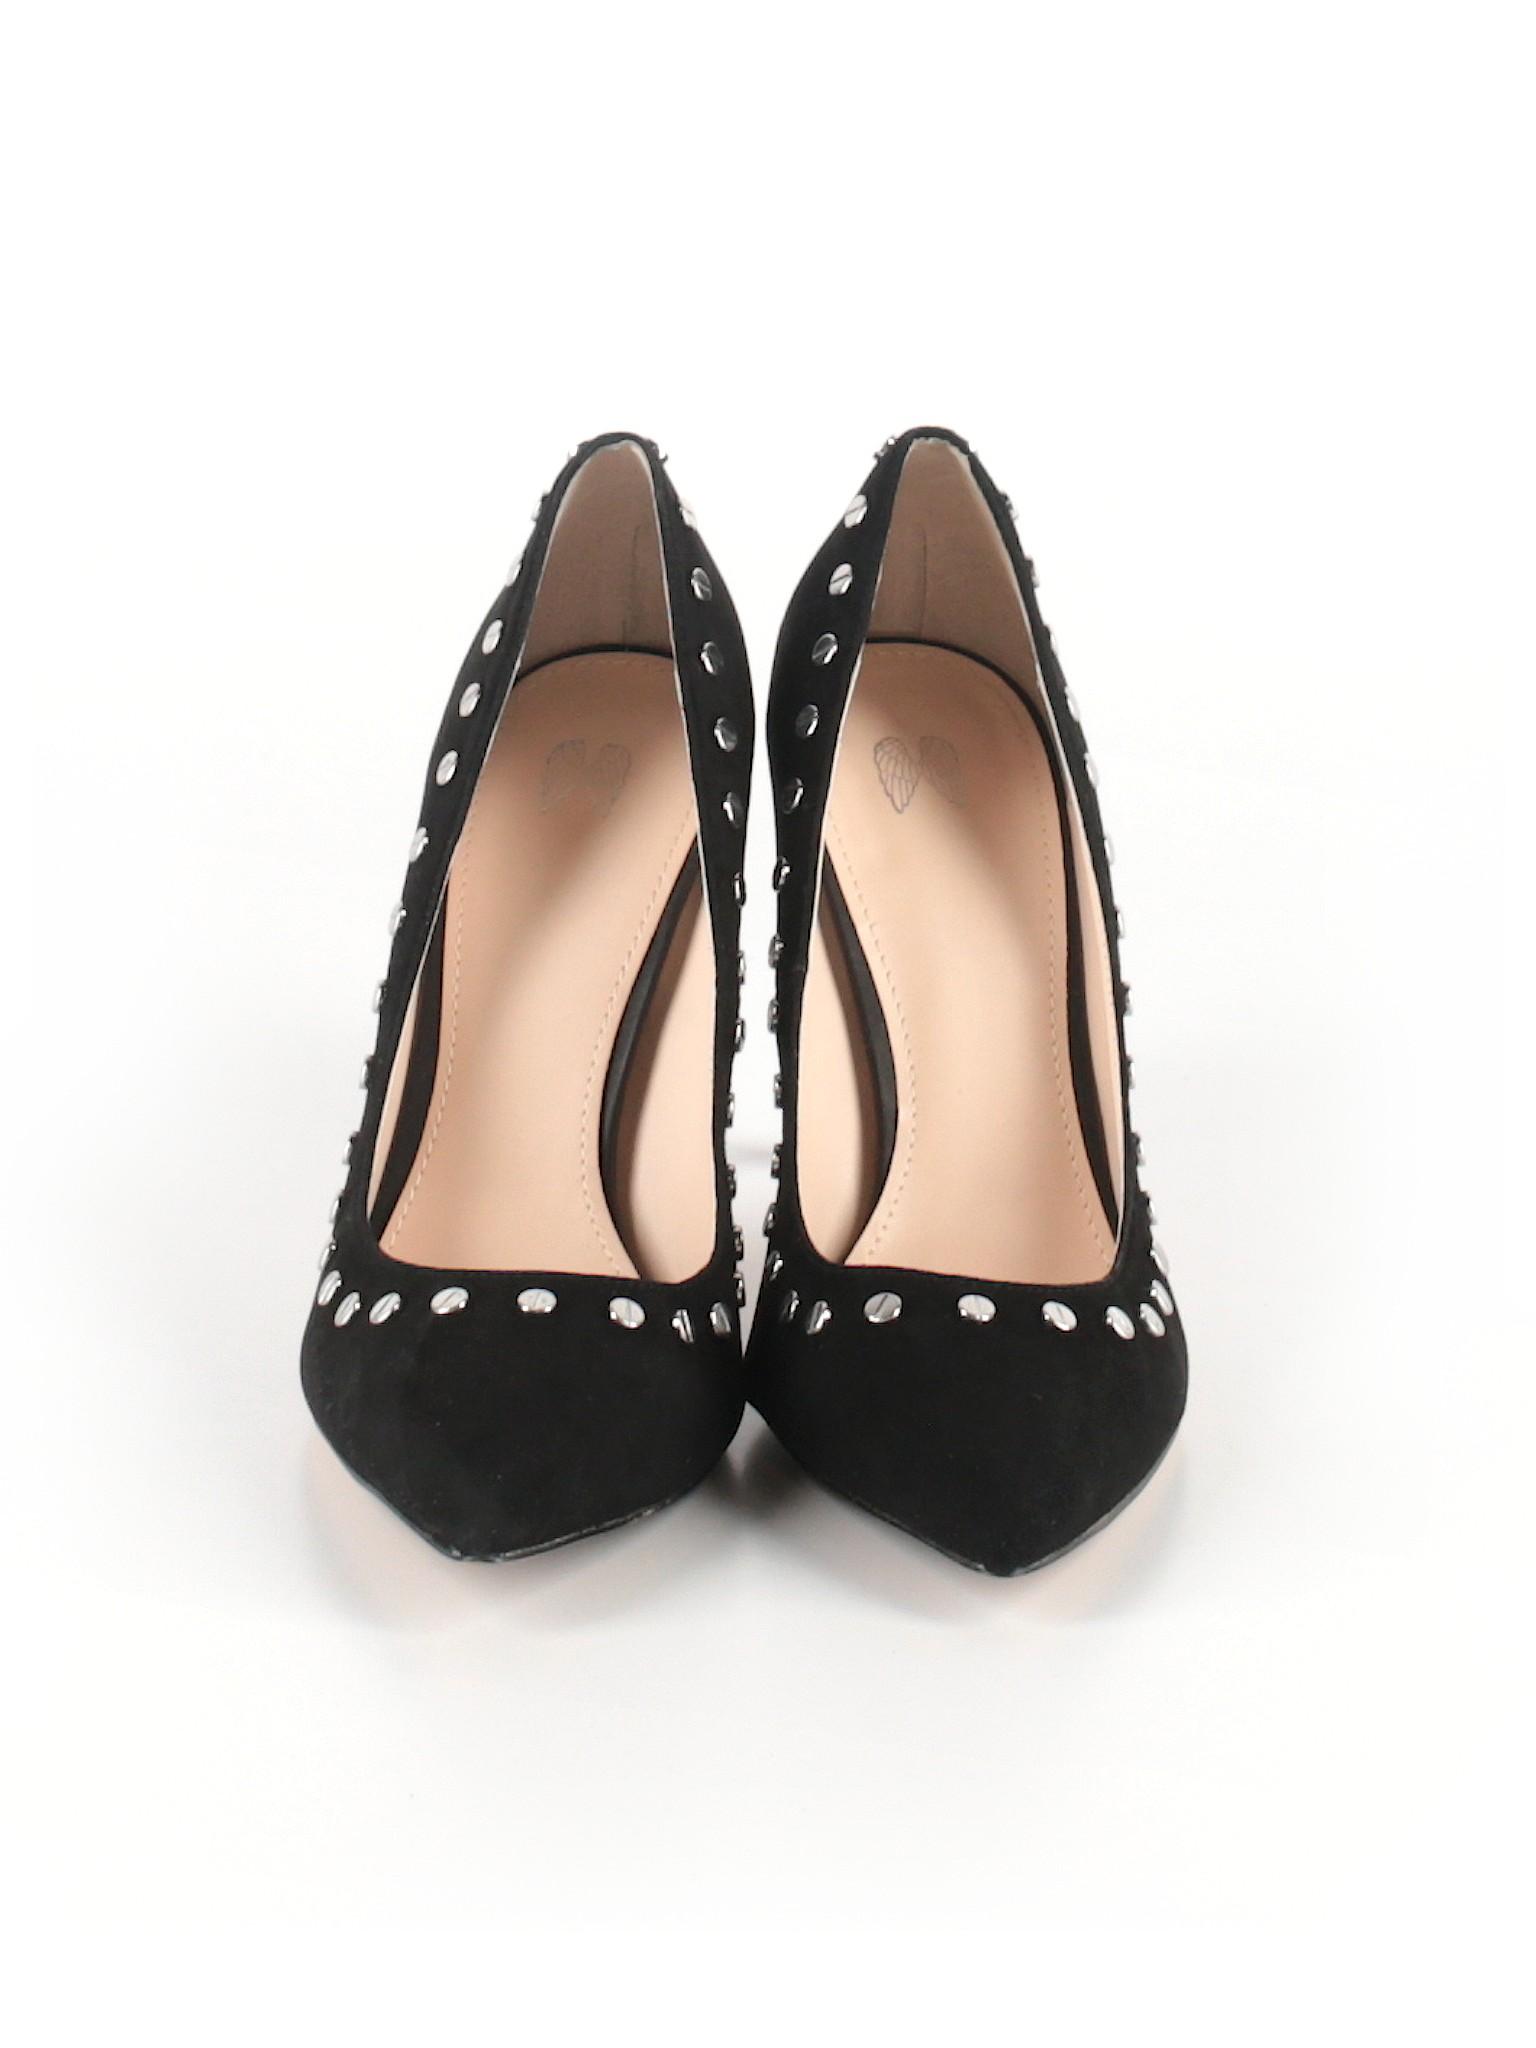 Secret promotion Boutique Victoria's Boutique Heels promotion zxa7q4nR